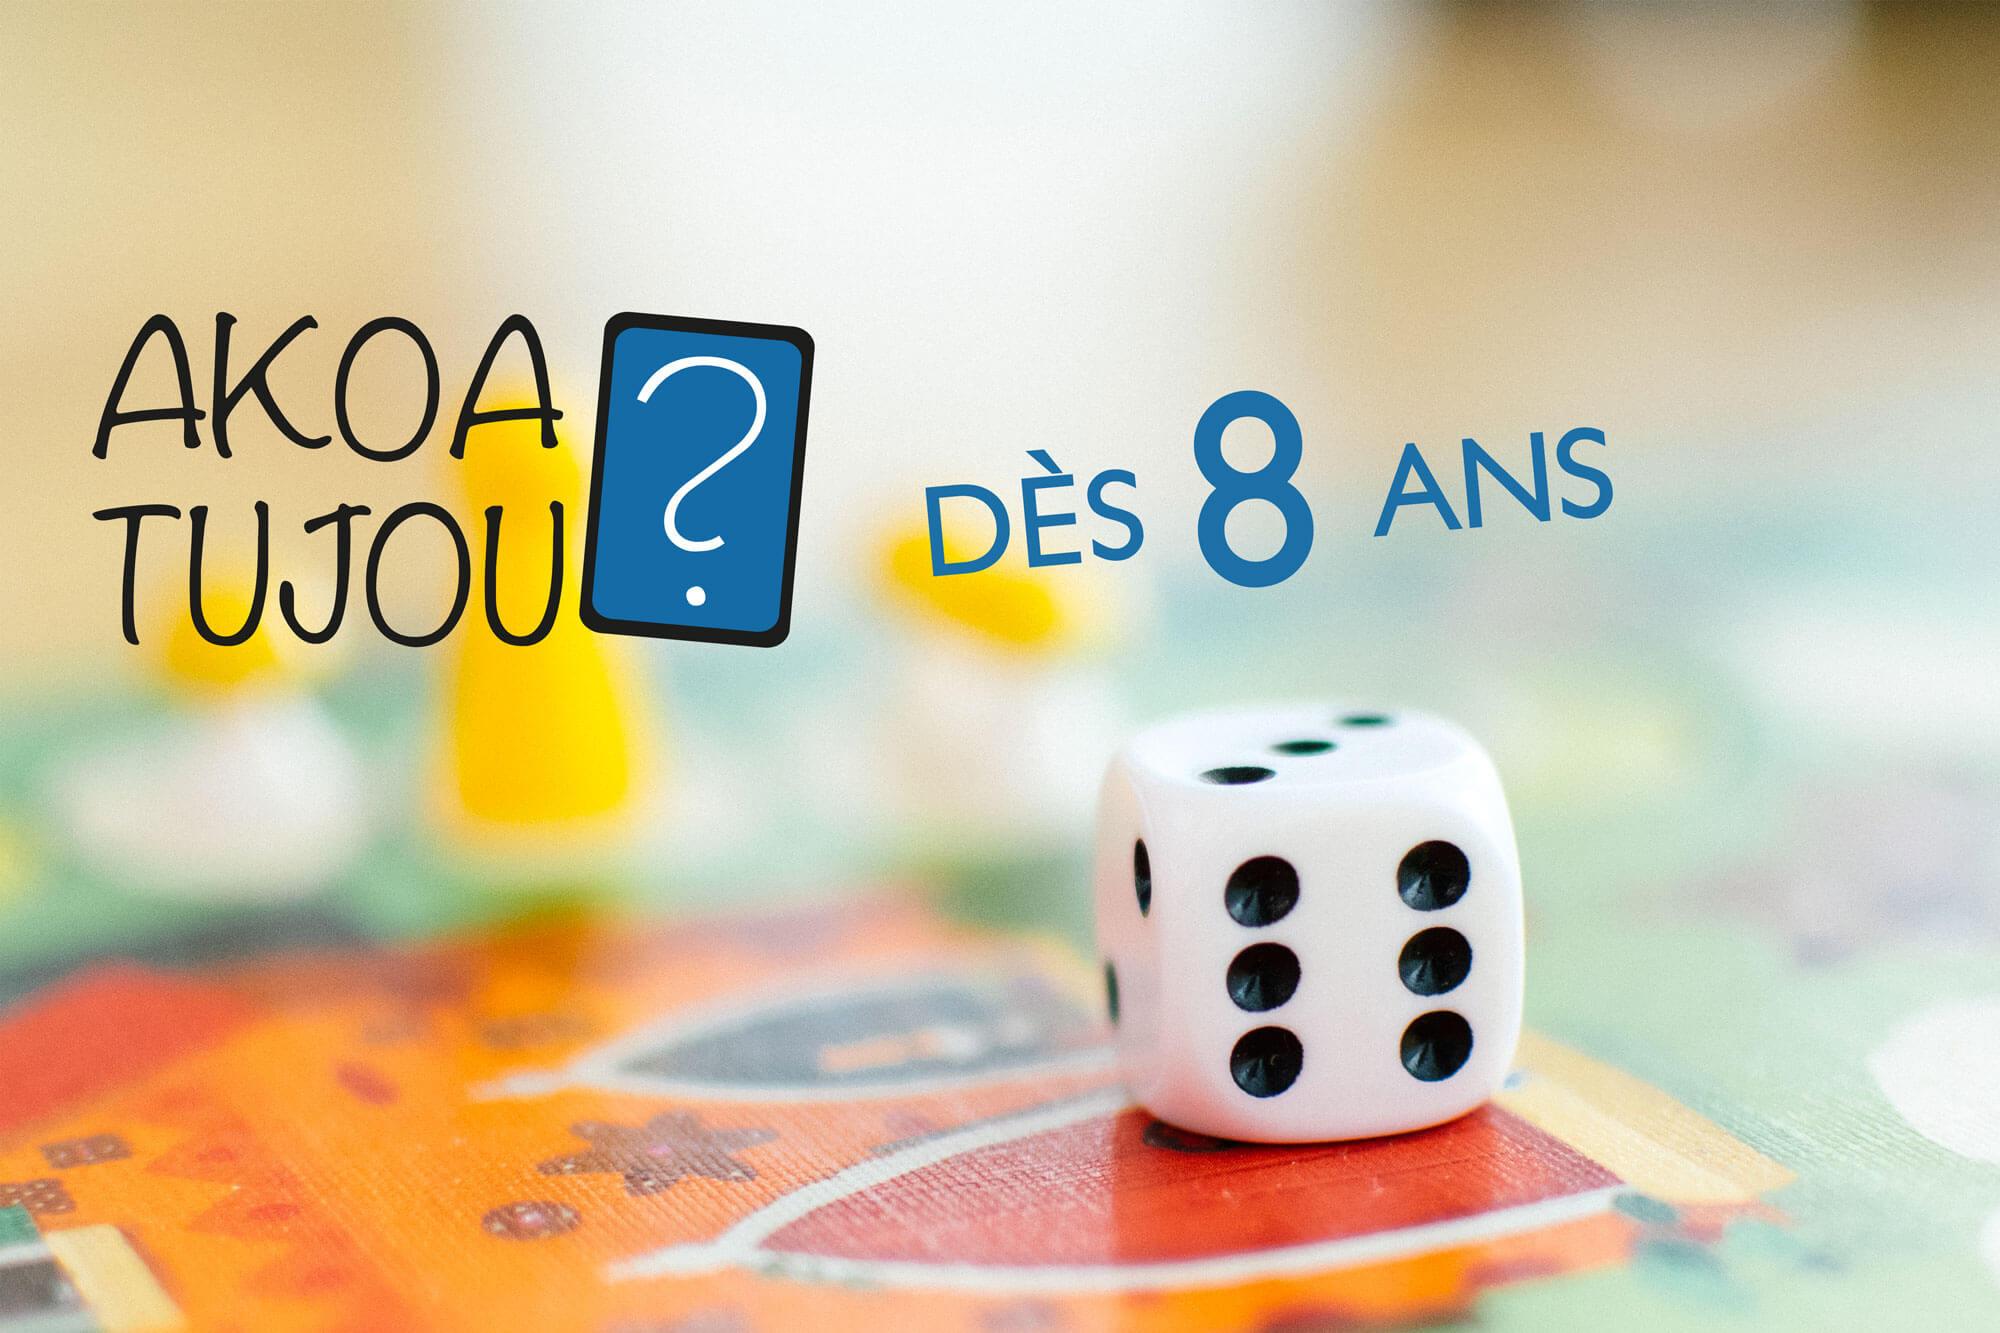 Nos Jeux De Société Dès 8 Ans - Jeux Familiaux - Akoa Tujou concernant Jeux De Société Pour 7 8 Ans